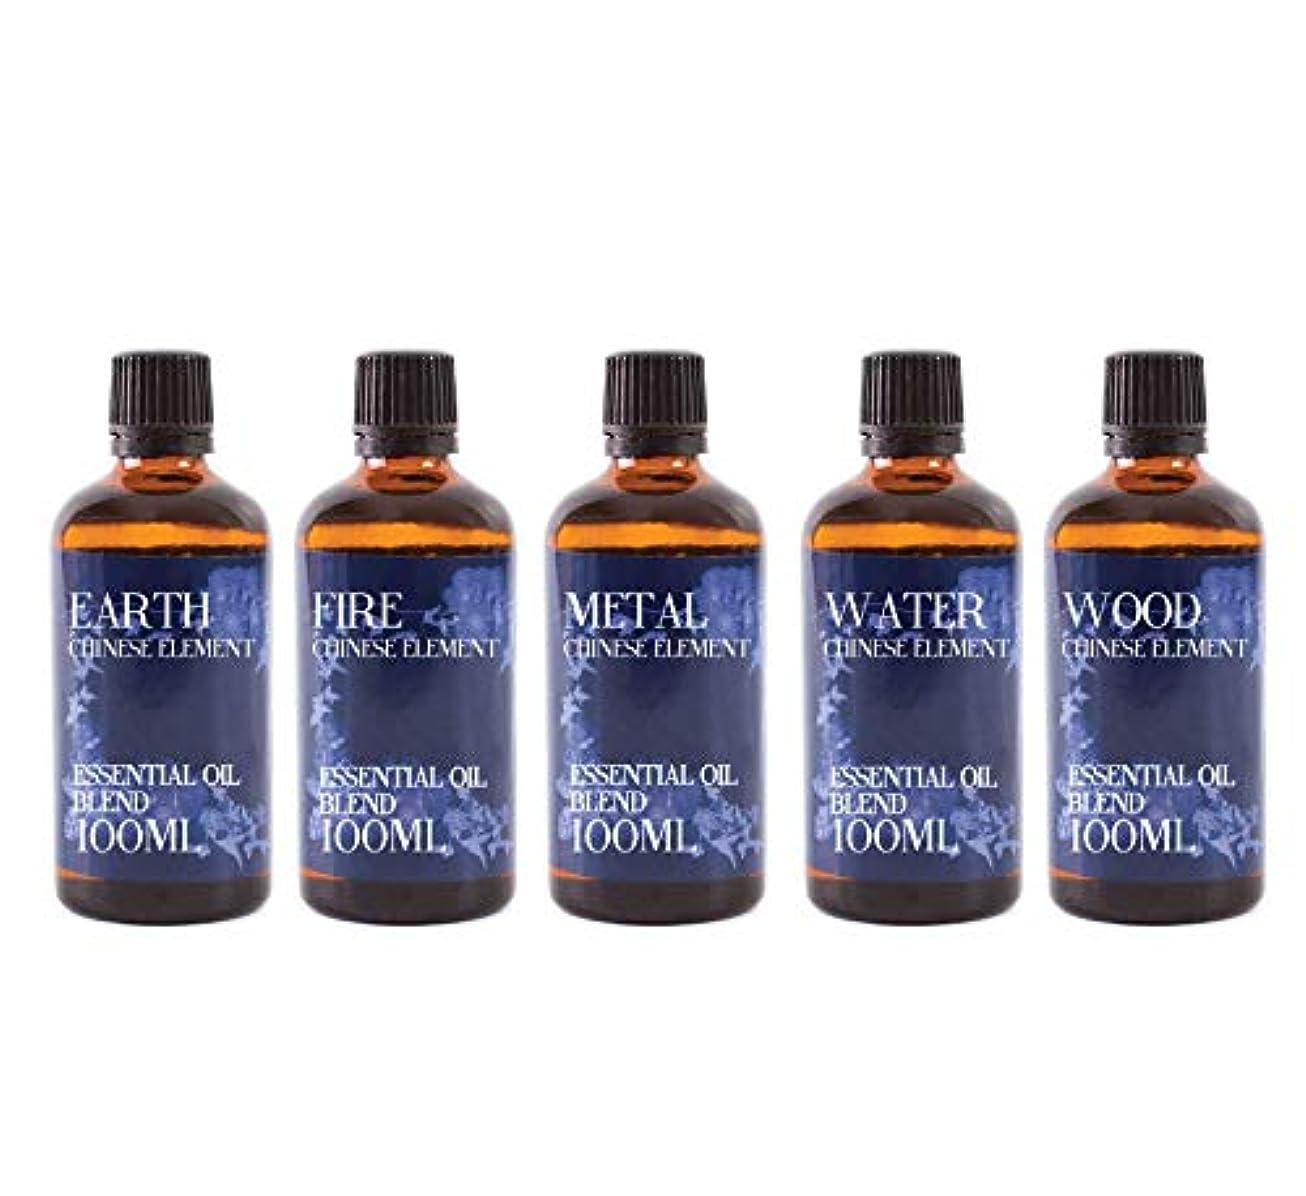 延期するトレイ膜Mystix London | Gift Starter Pack of 5x100ml Chinese Elements Essential Oil Blends